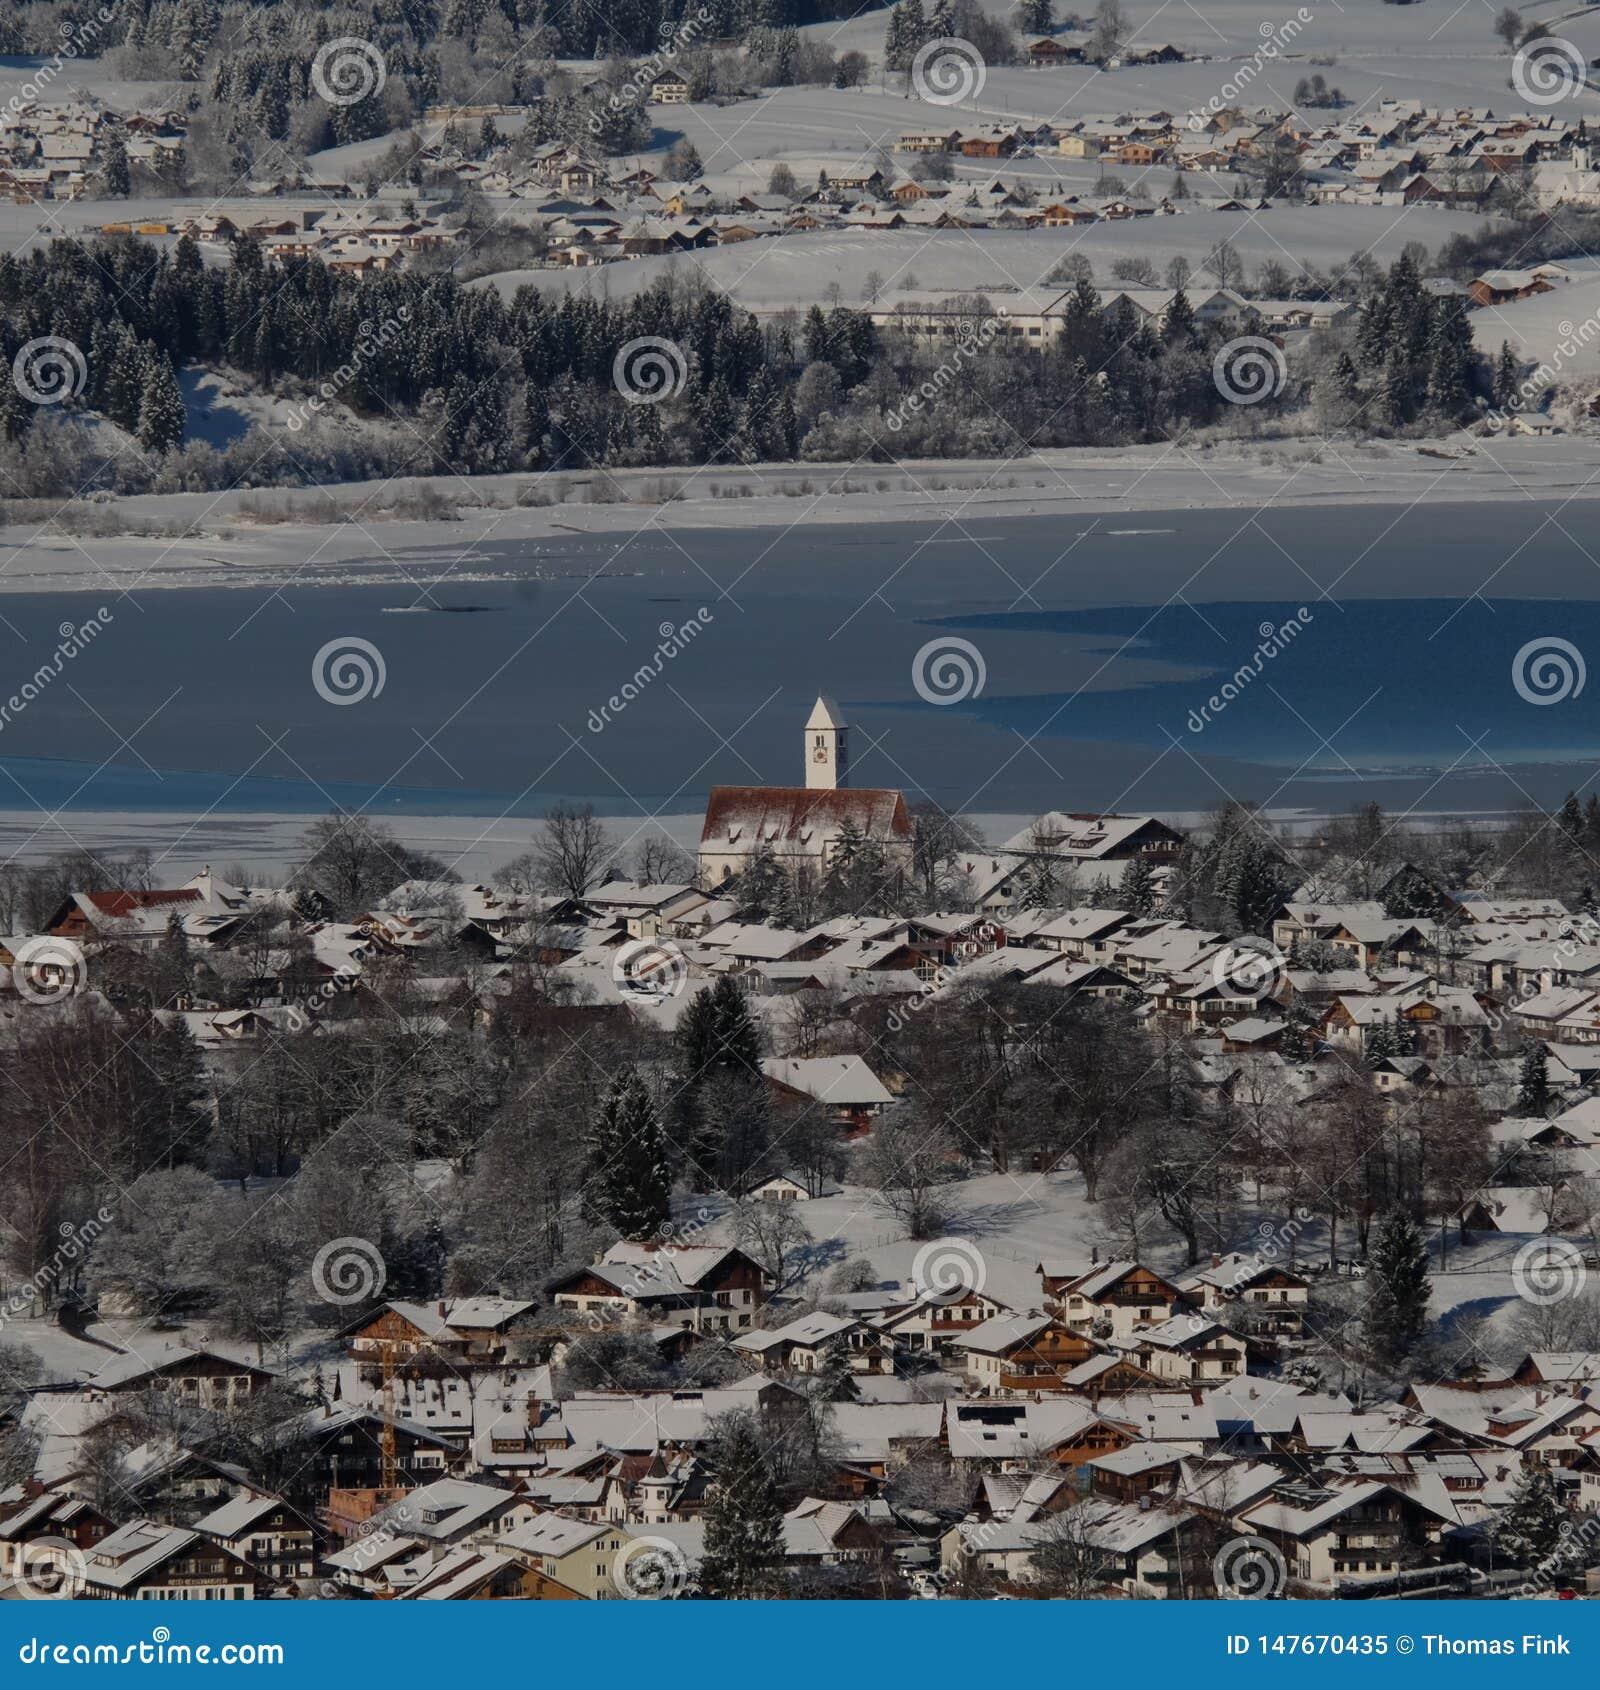 Schwangau una ciudad alemana durante invierno